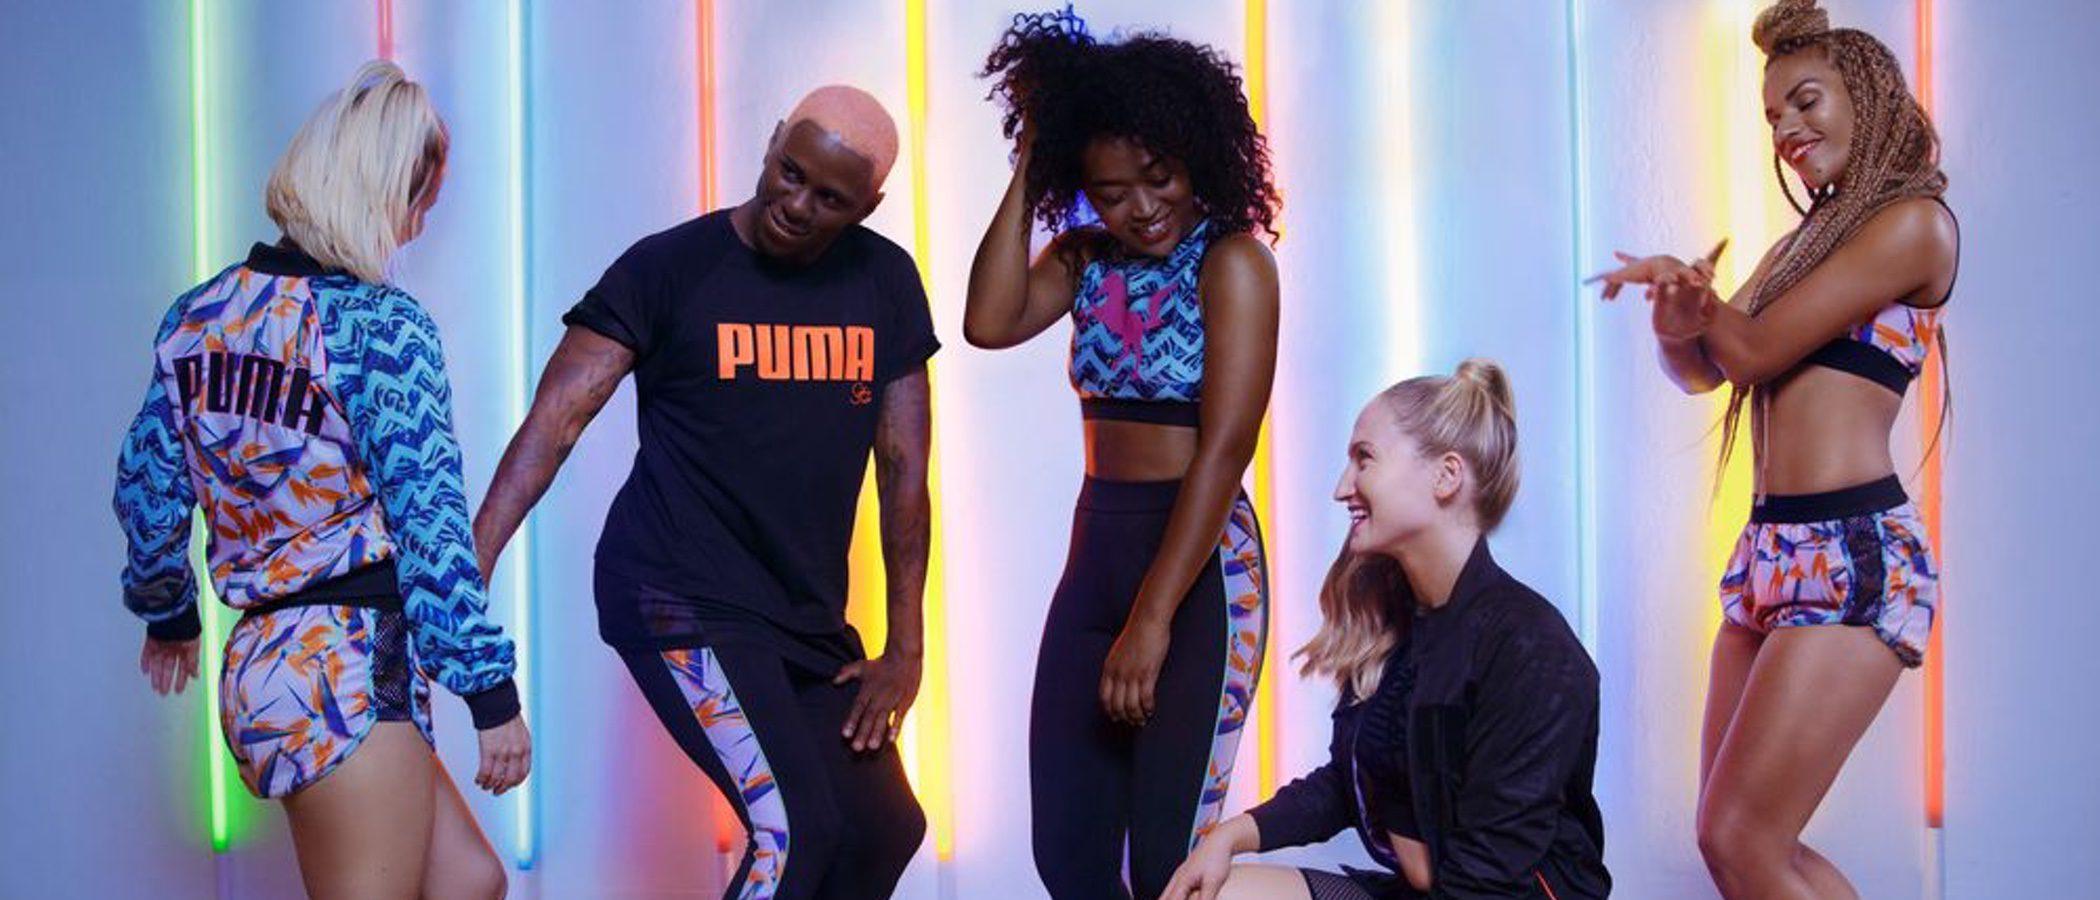 Sophia Webster lanza una nueva colección junto a Puma para este otoño/invierno 2017/2018